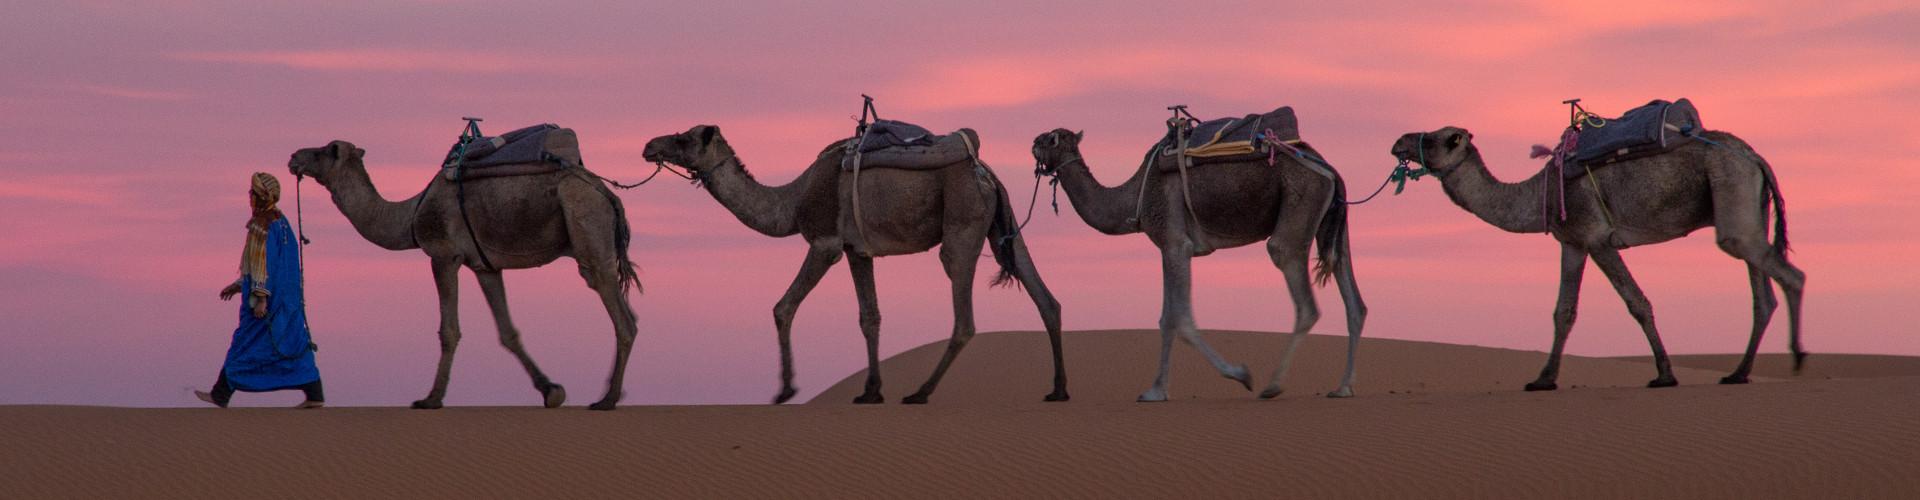 Dating annuncio agenzia con cammello